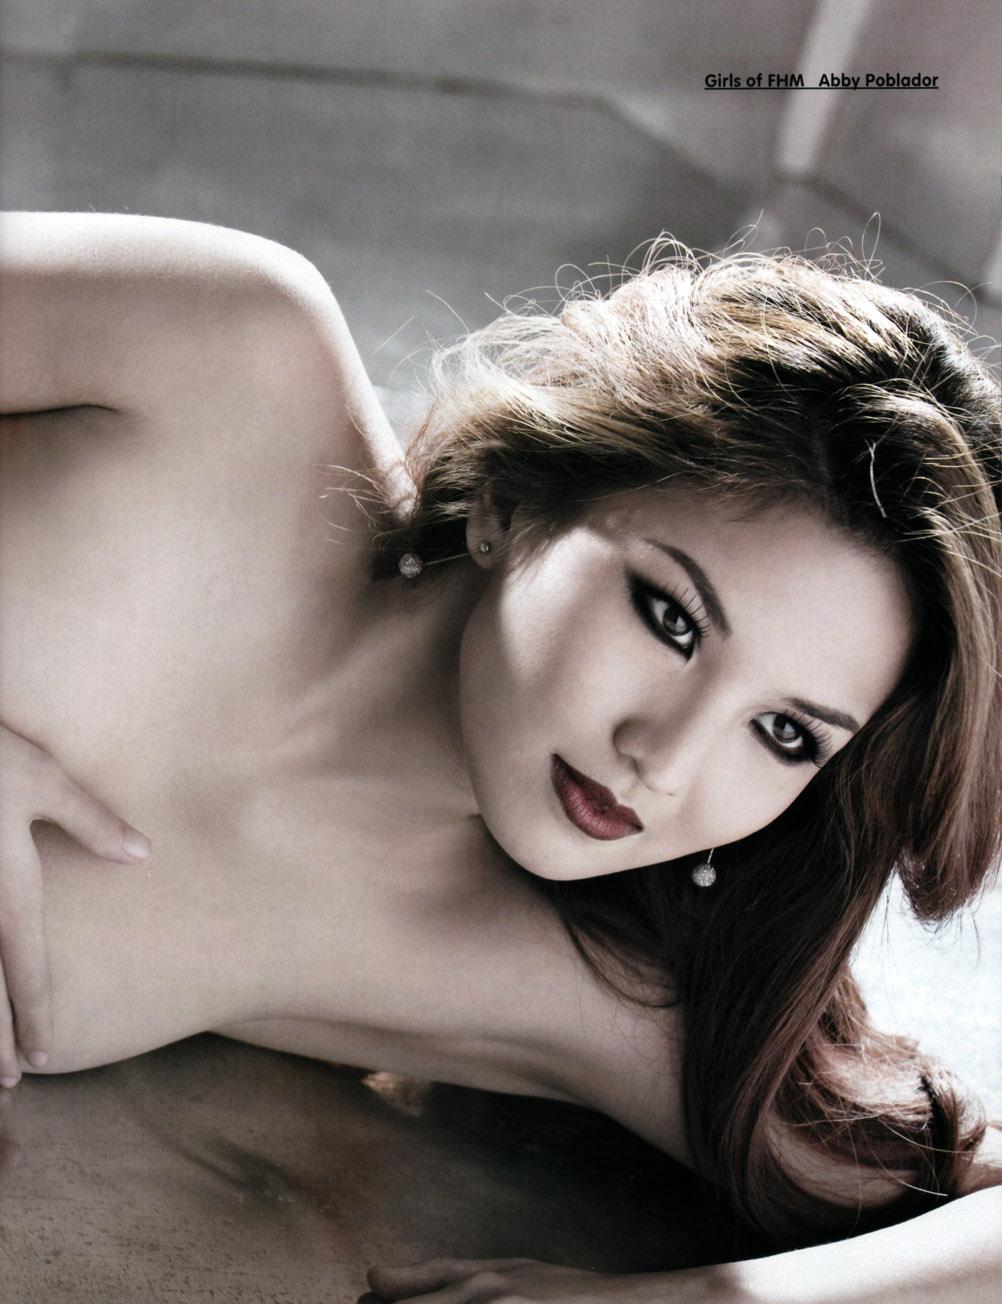 Abby Poblador Sexy Photos